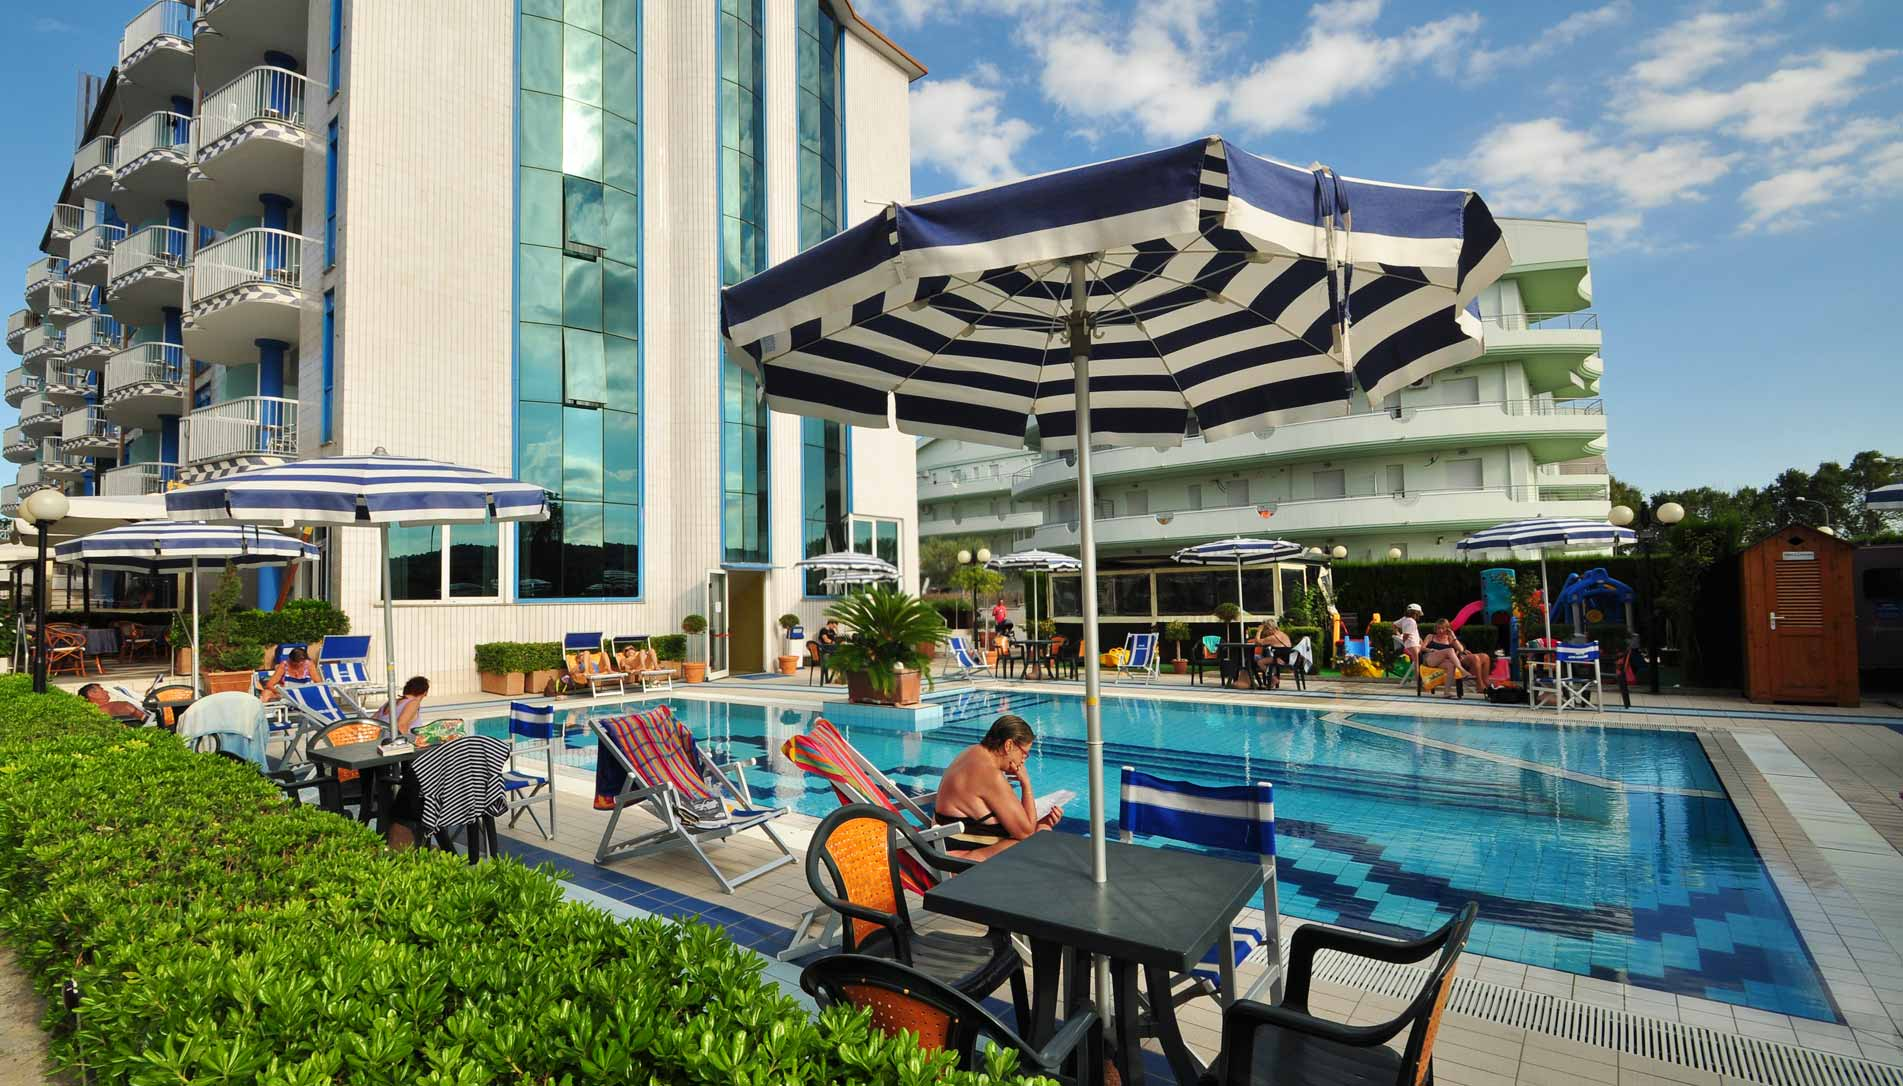 Hotel 4 stelle con piscina per vacanze con bambini sul mare in abruzzo hotel ambassador - Hotel con piscina riscaldata per bambini ...